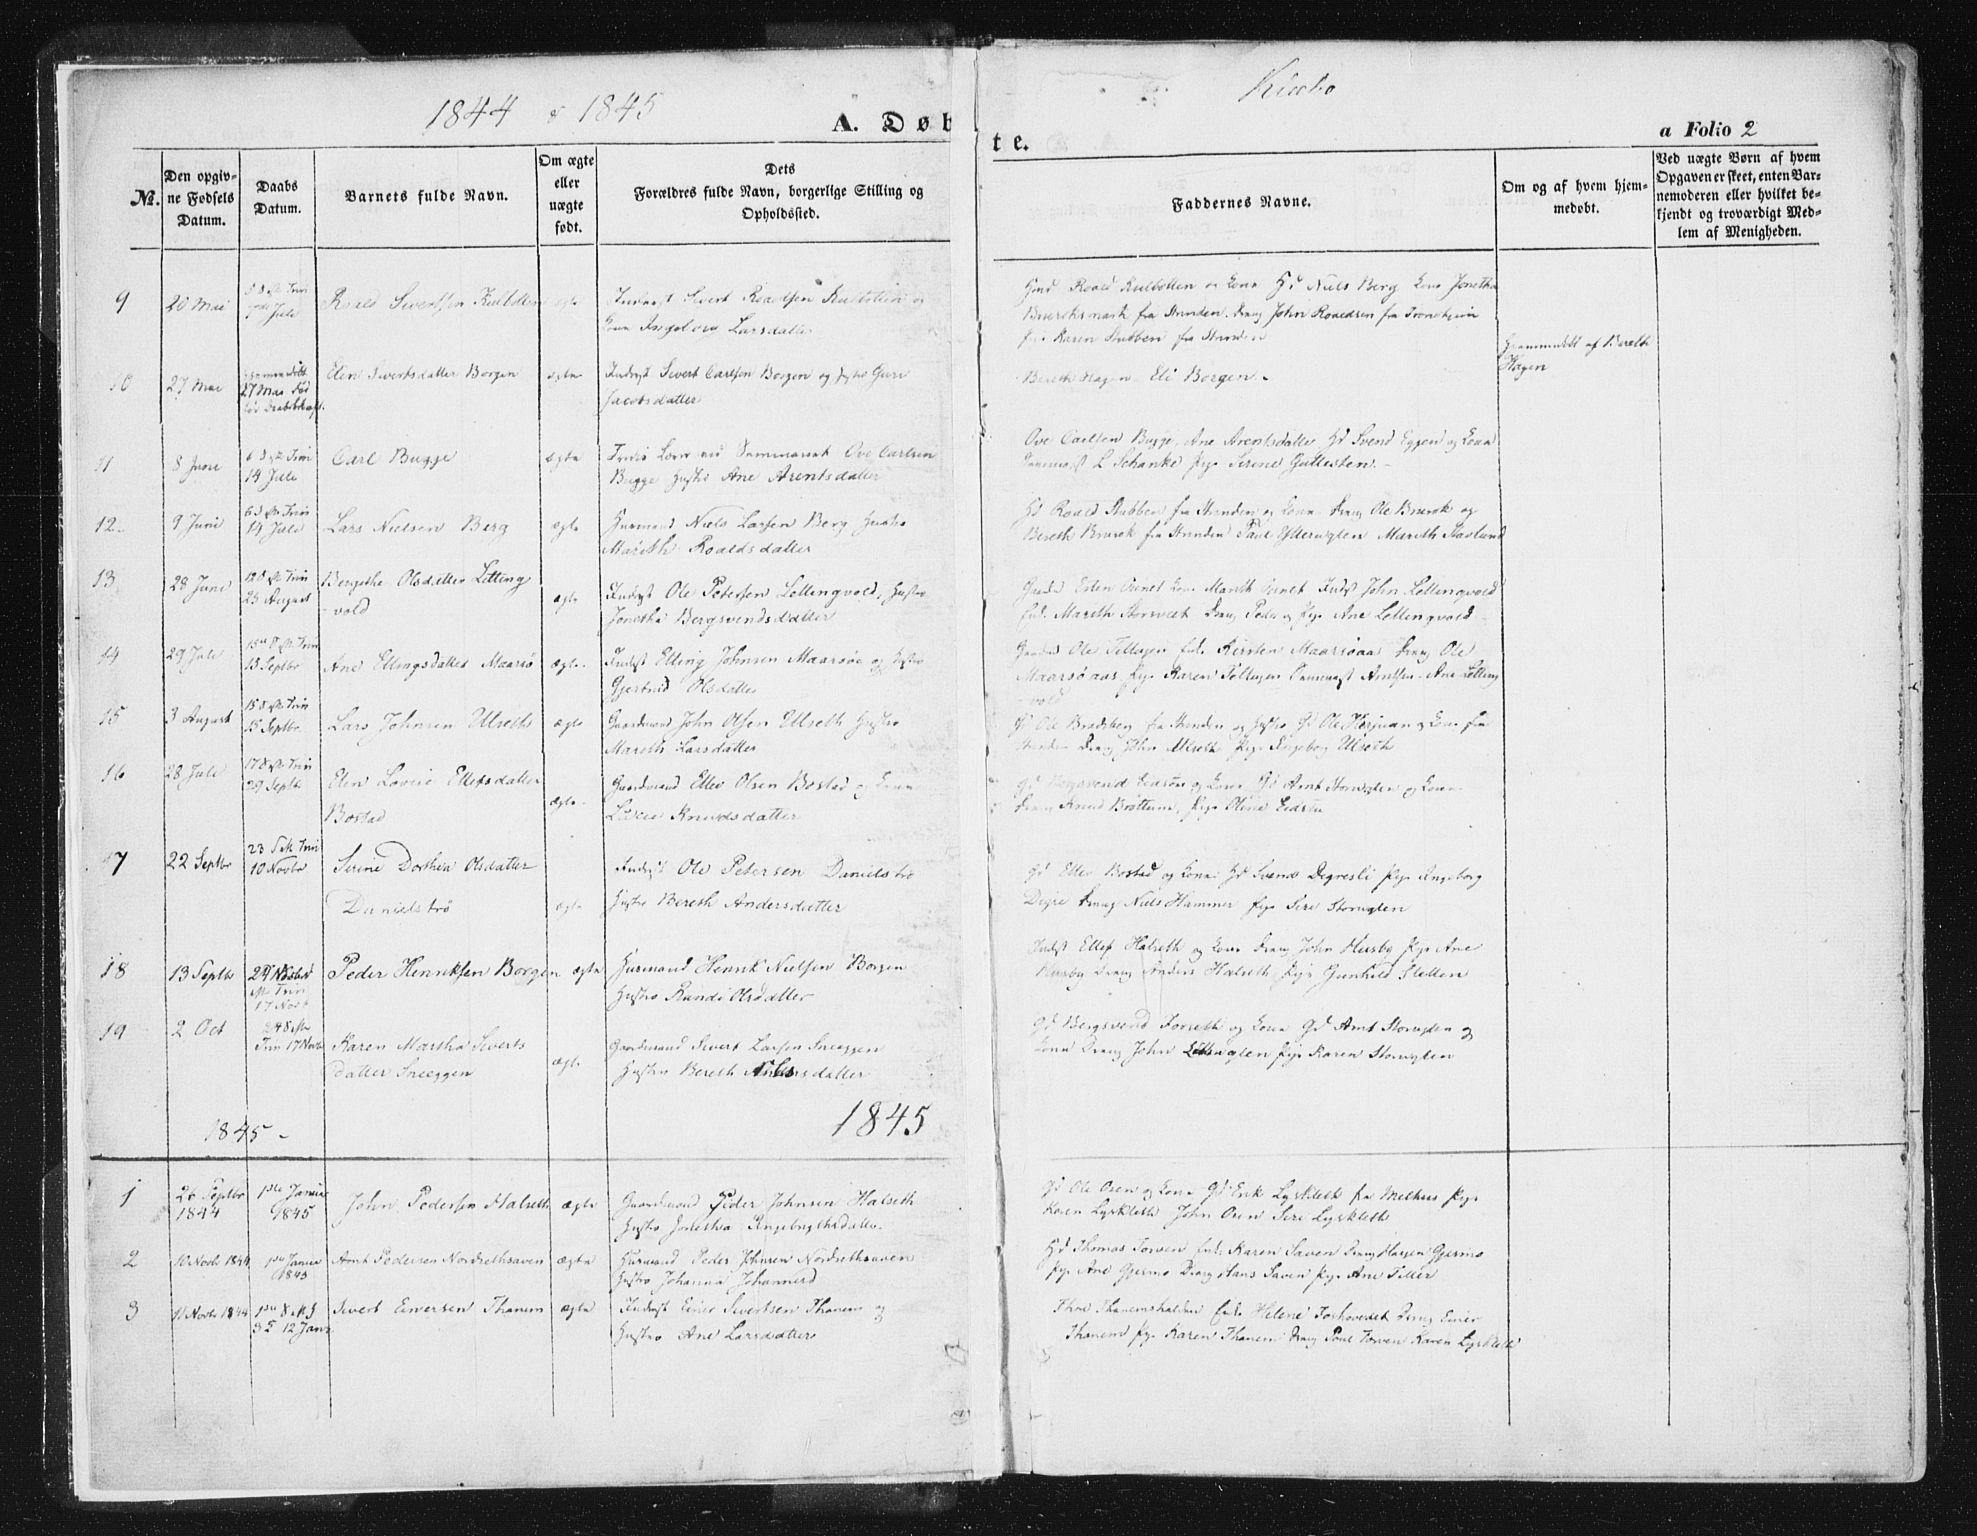 SAT, Ministerialprotokoller, klokkerbøker og fødselsregistre - Sør-Trøndelag, 618/L0441: Ministerialbok nr. 618A05, 1843-1862, s. 2